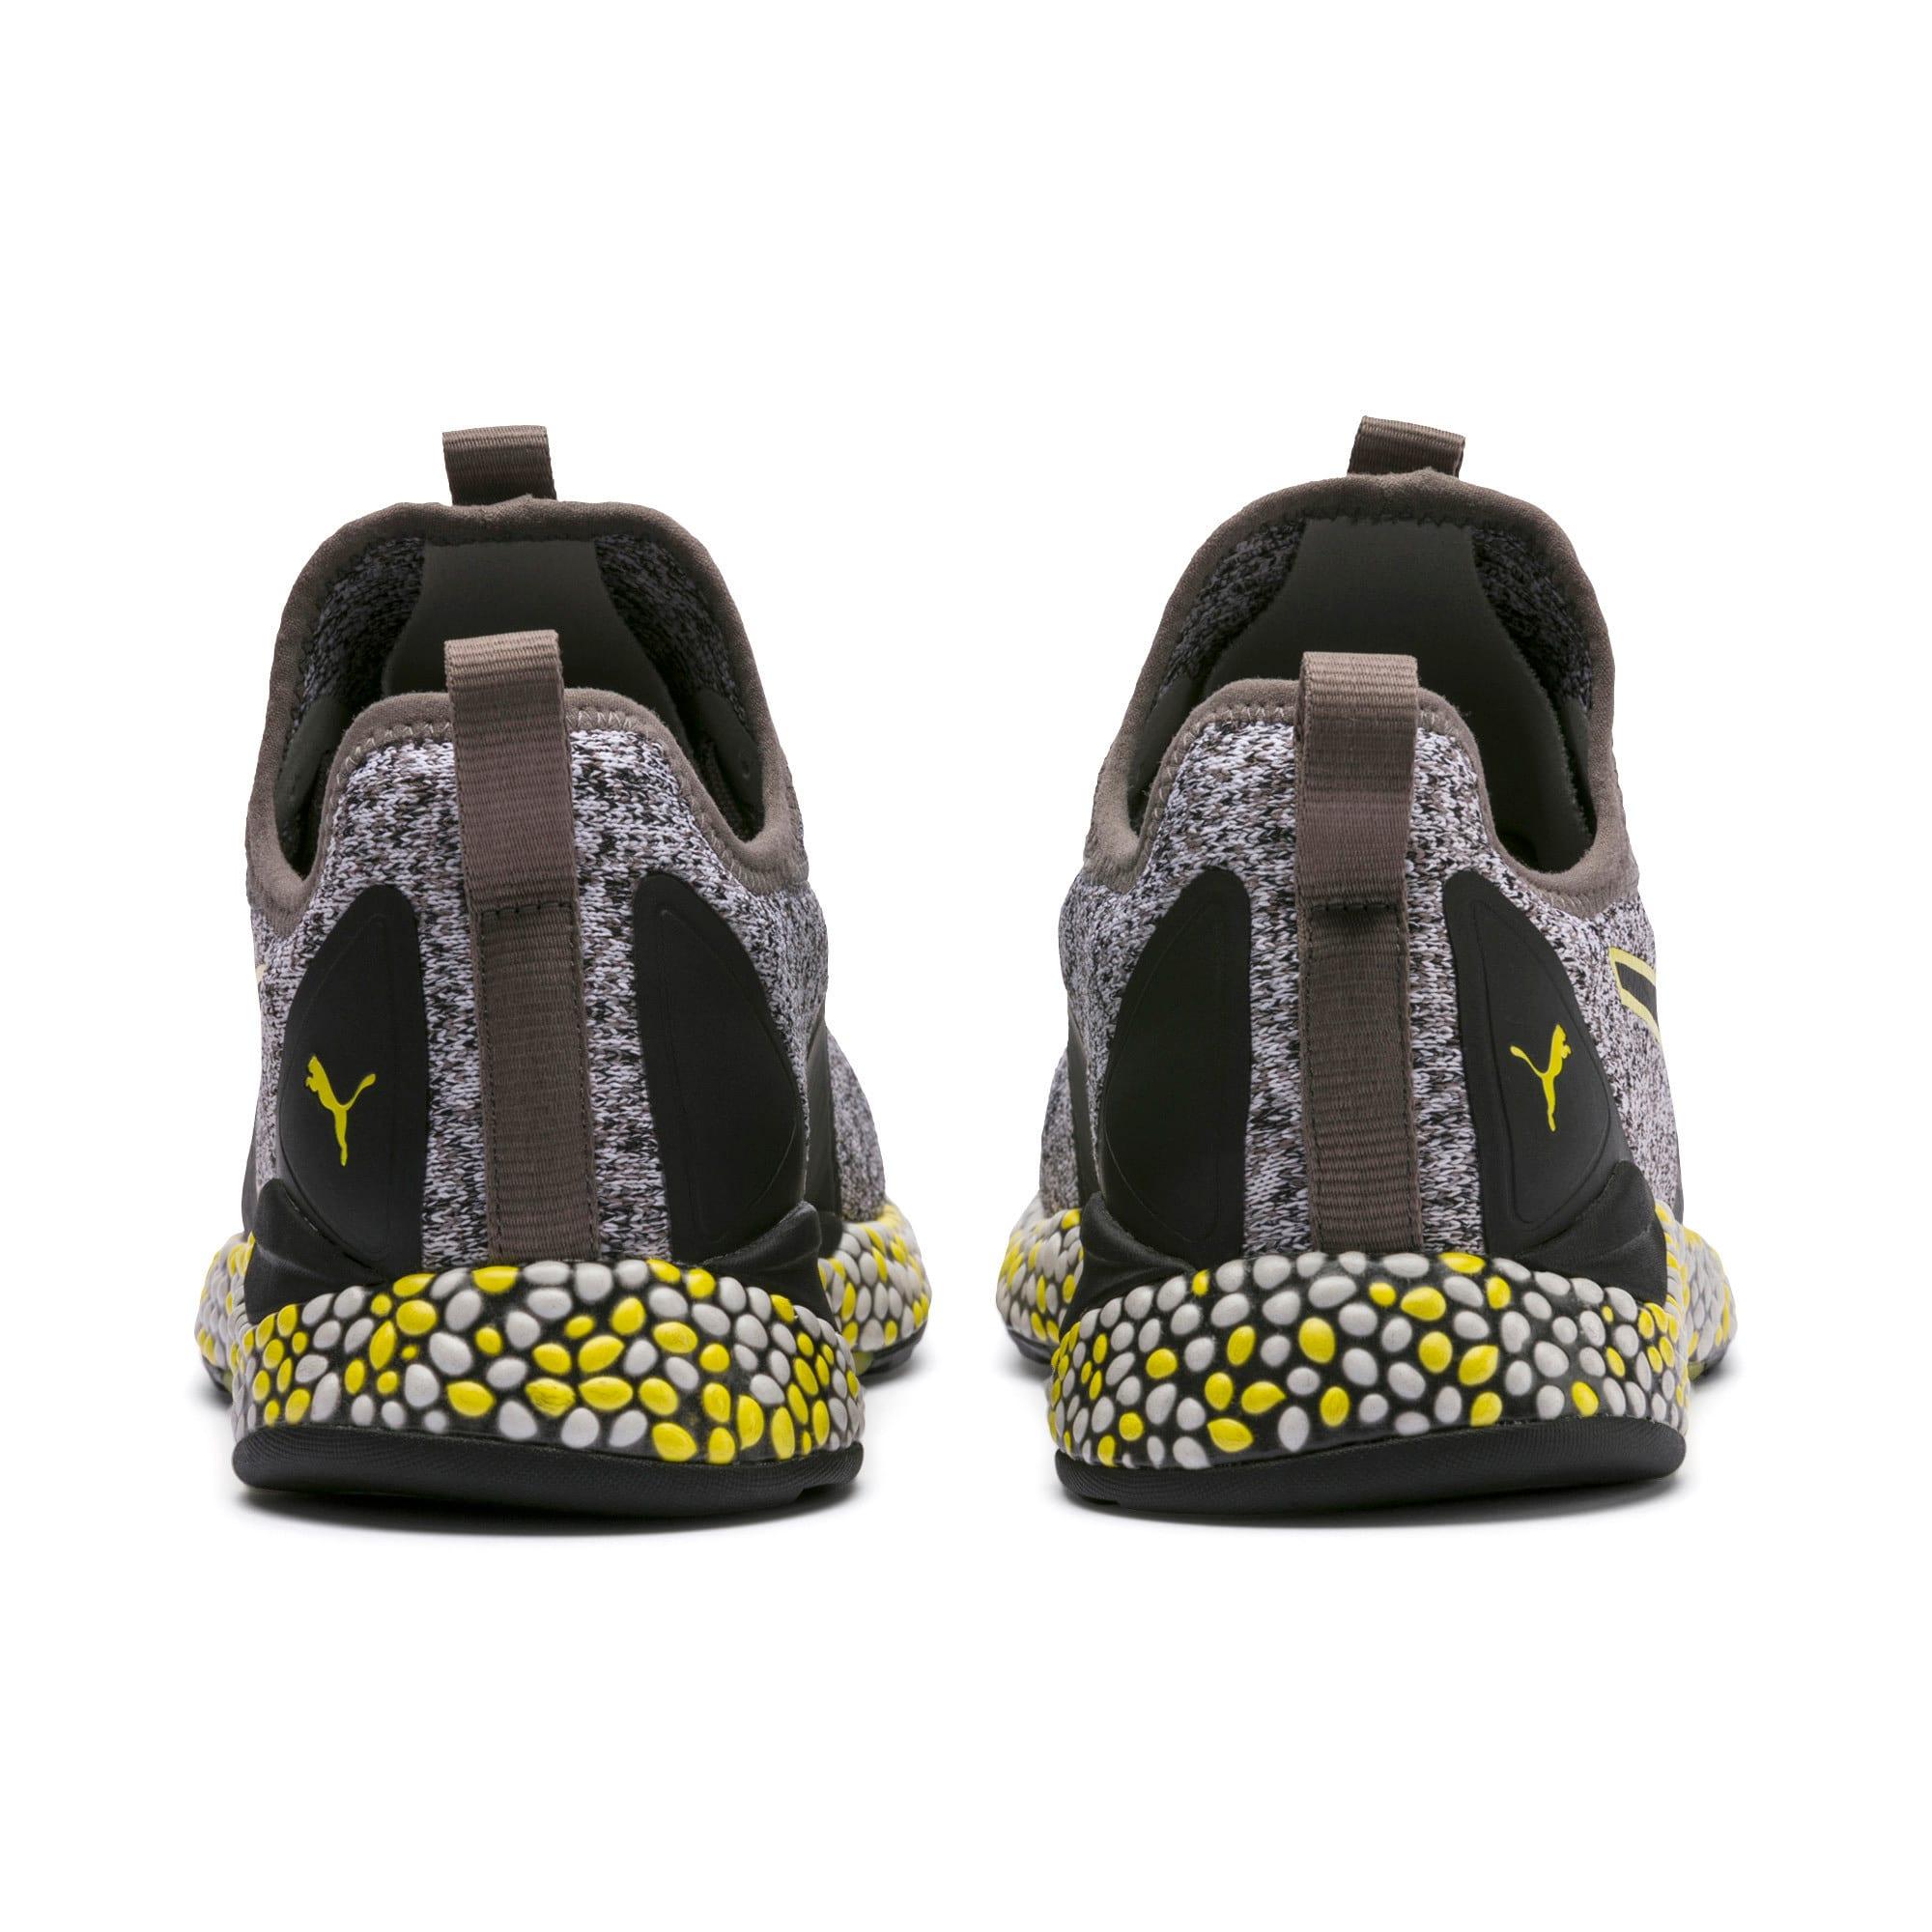 Thumbnail 3 of Scarpe Running Hybrid Runner uomo, Black-White-Blazing Yellow, medium